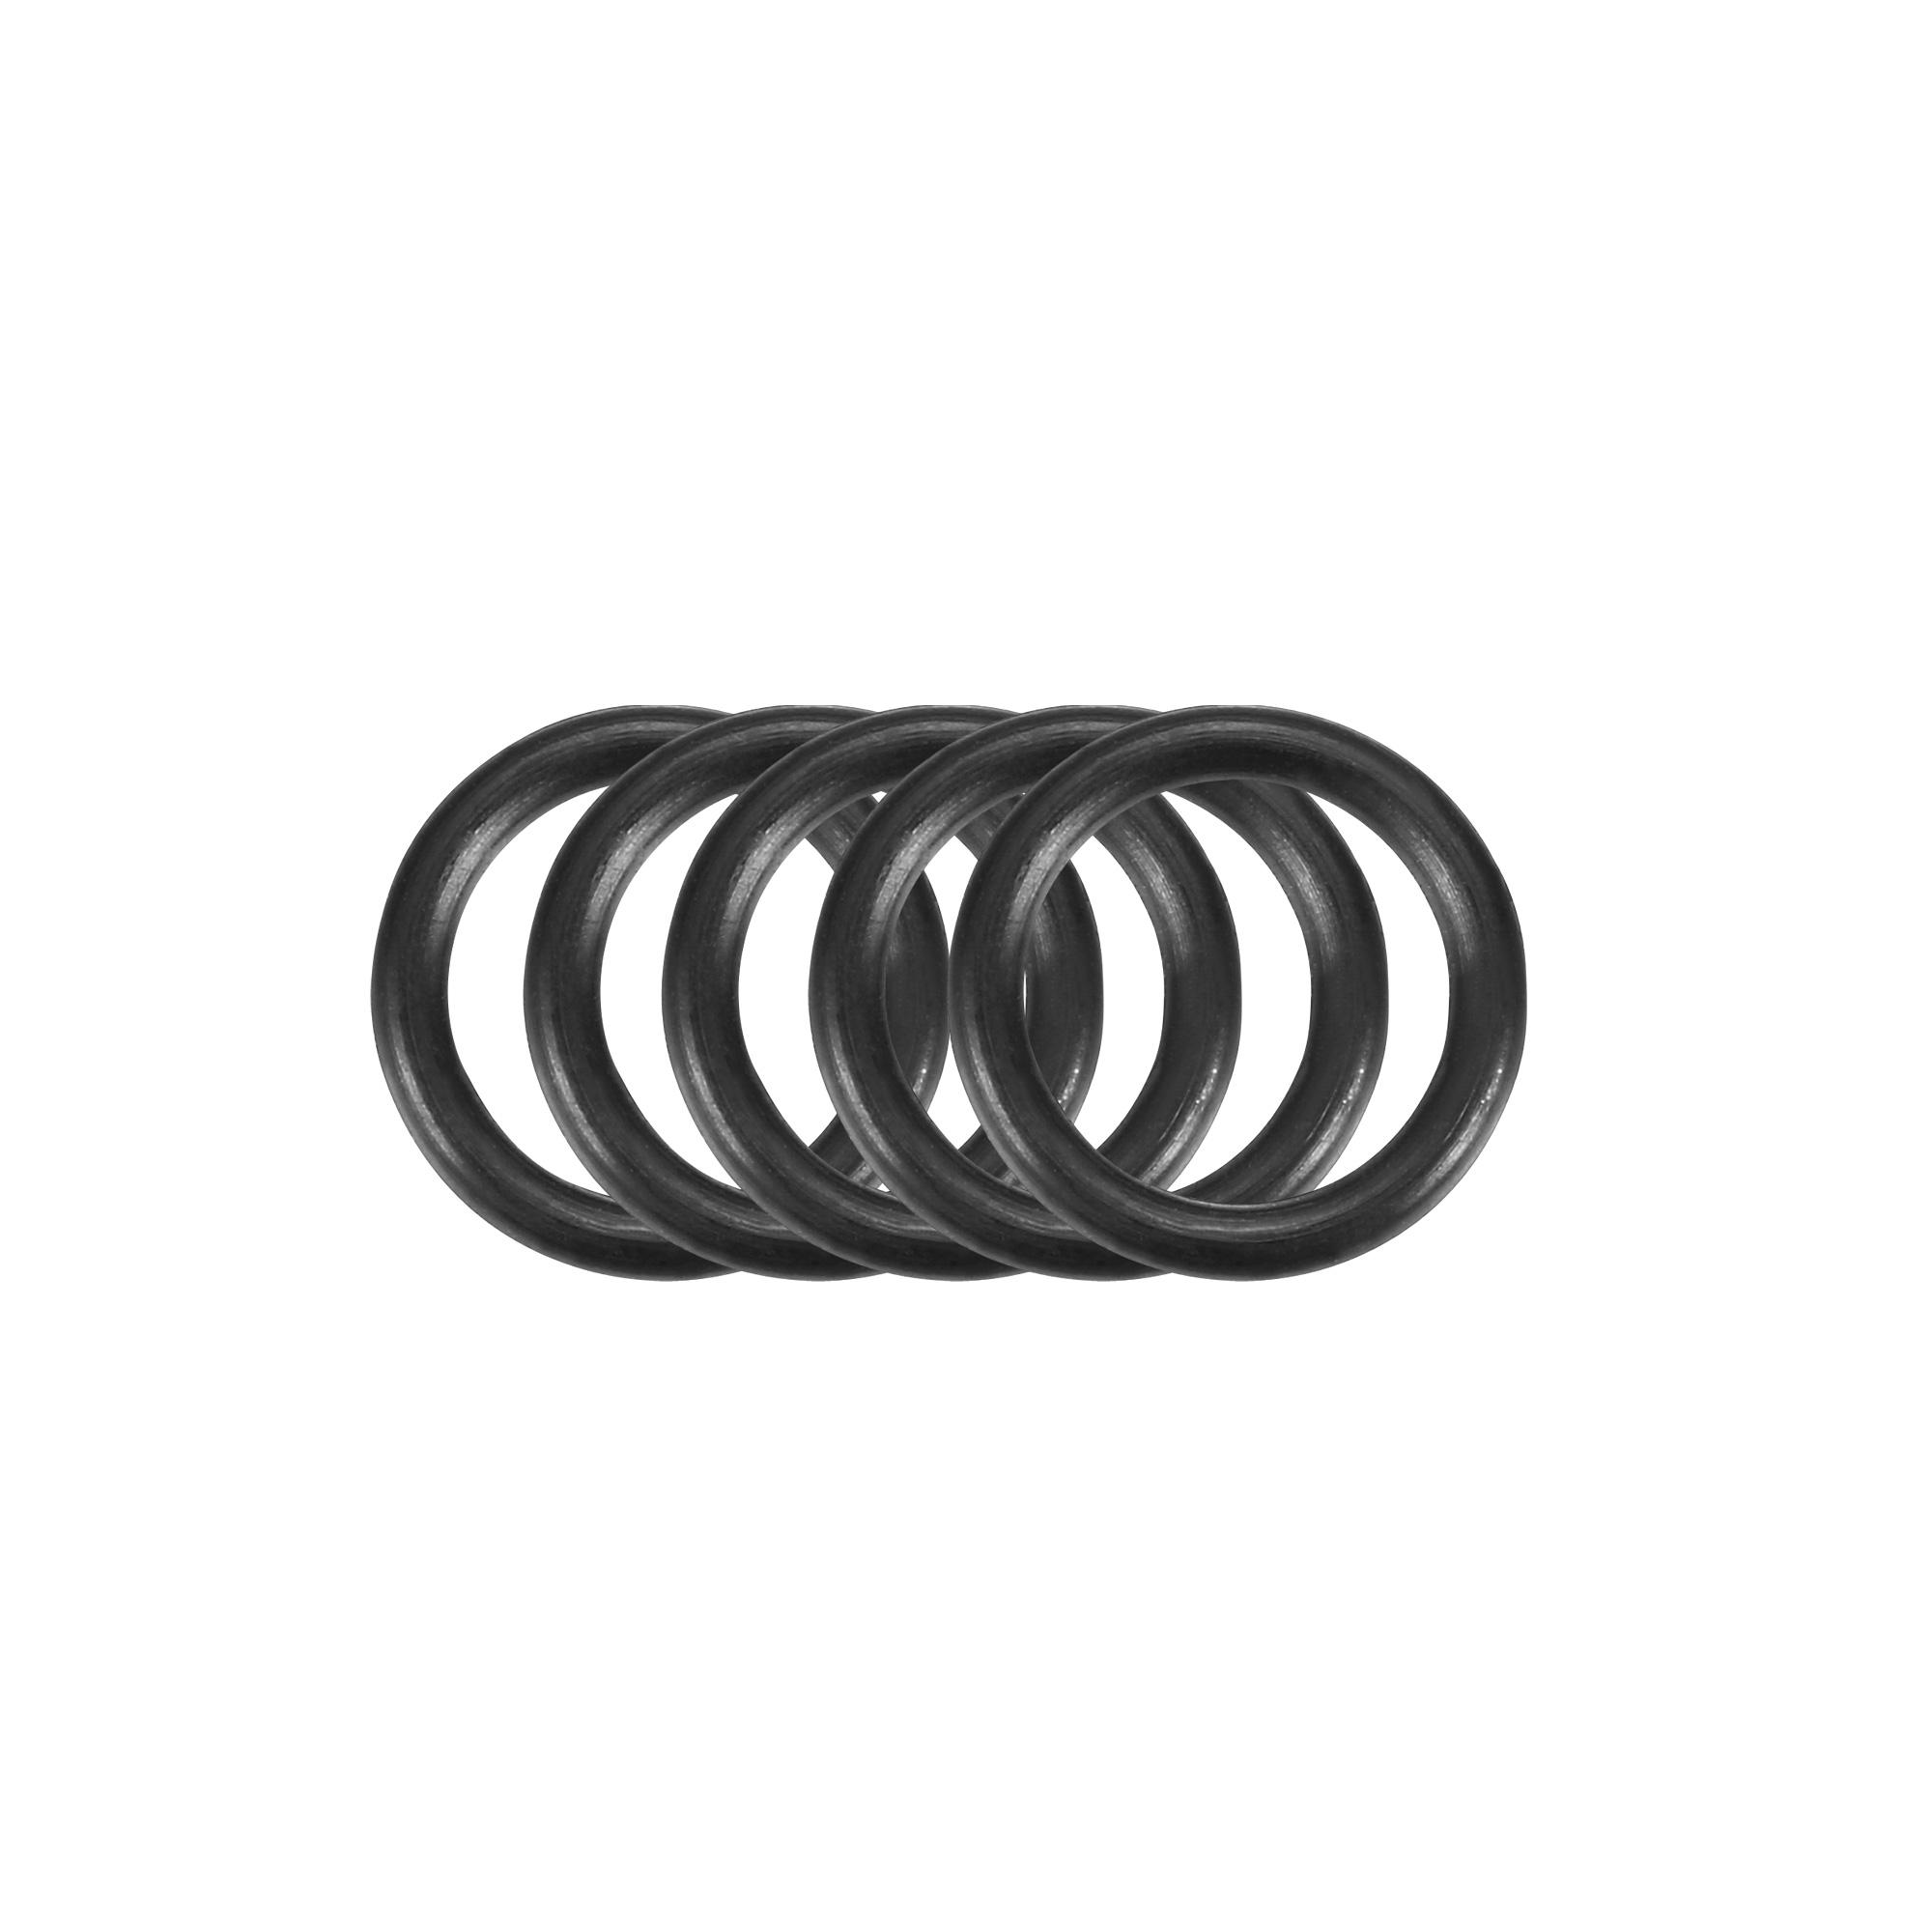 5pcs Black Nitrile Butadiene Rubber NBR O-Ring 7.5mm Inner Dia 1mm Width